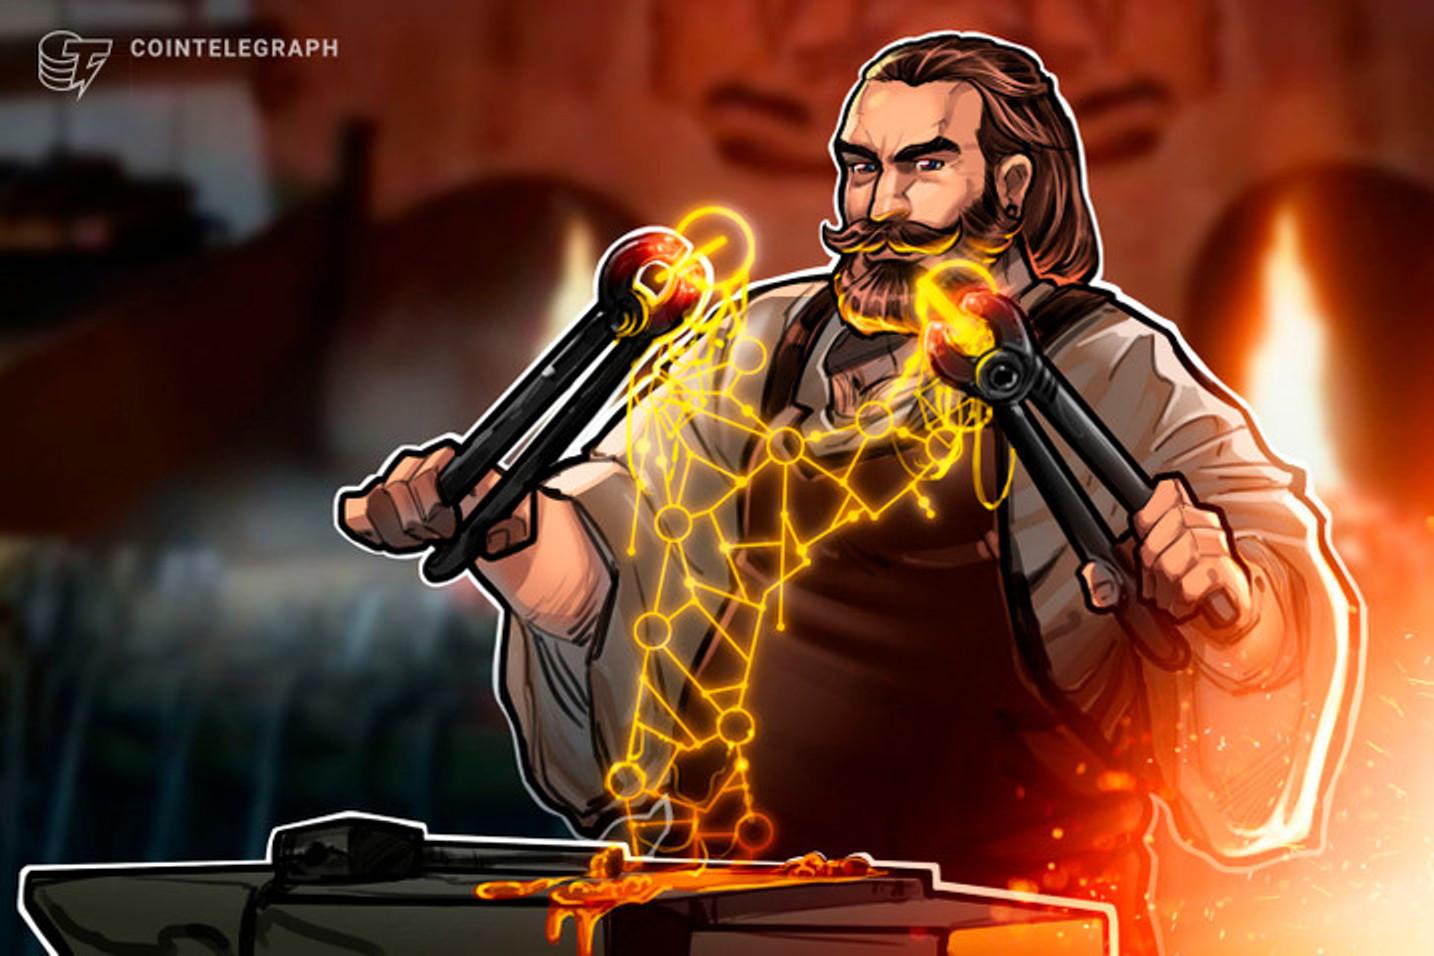 Österreichische Tech-Firmen entwickeln Blockchain-Lösung für Metallzertifikate